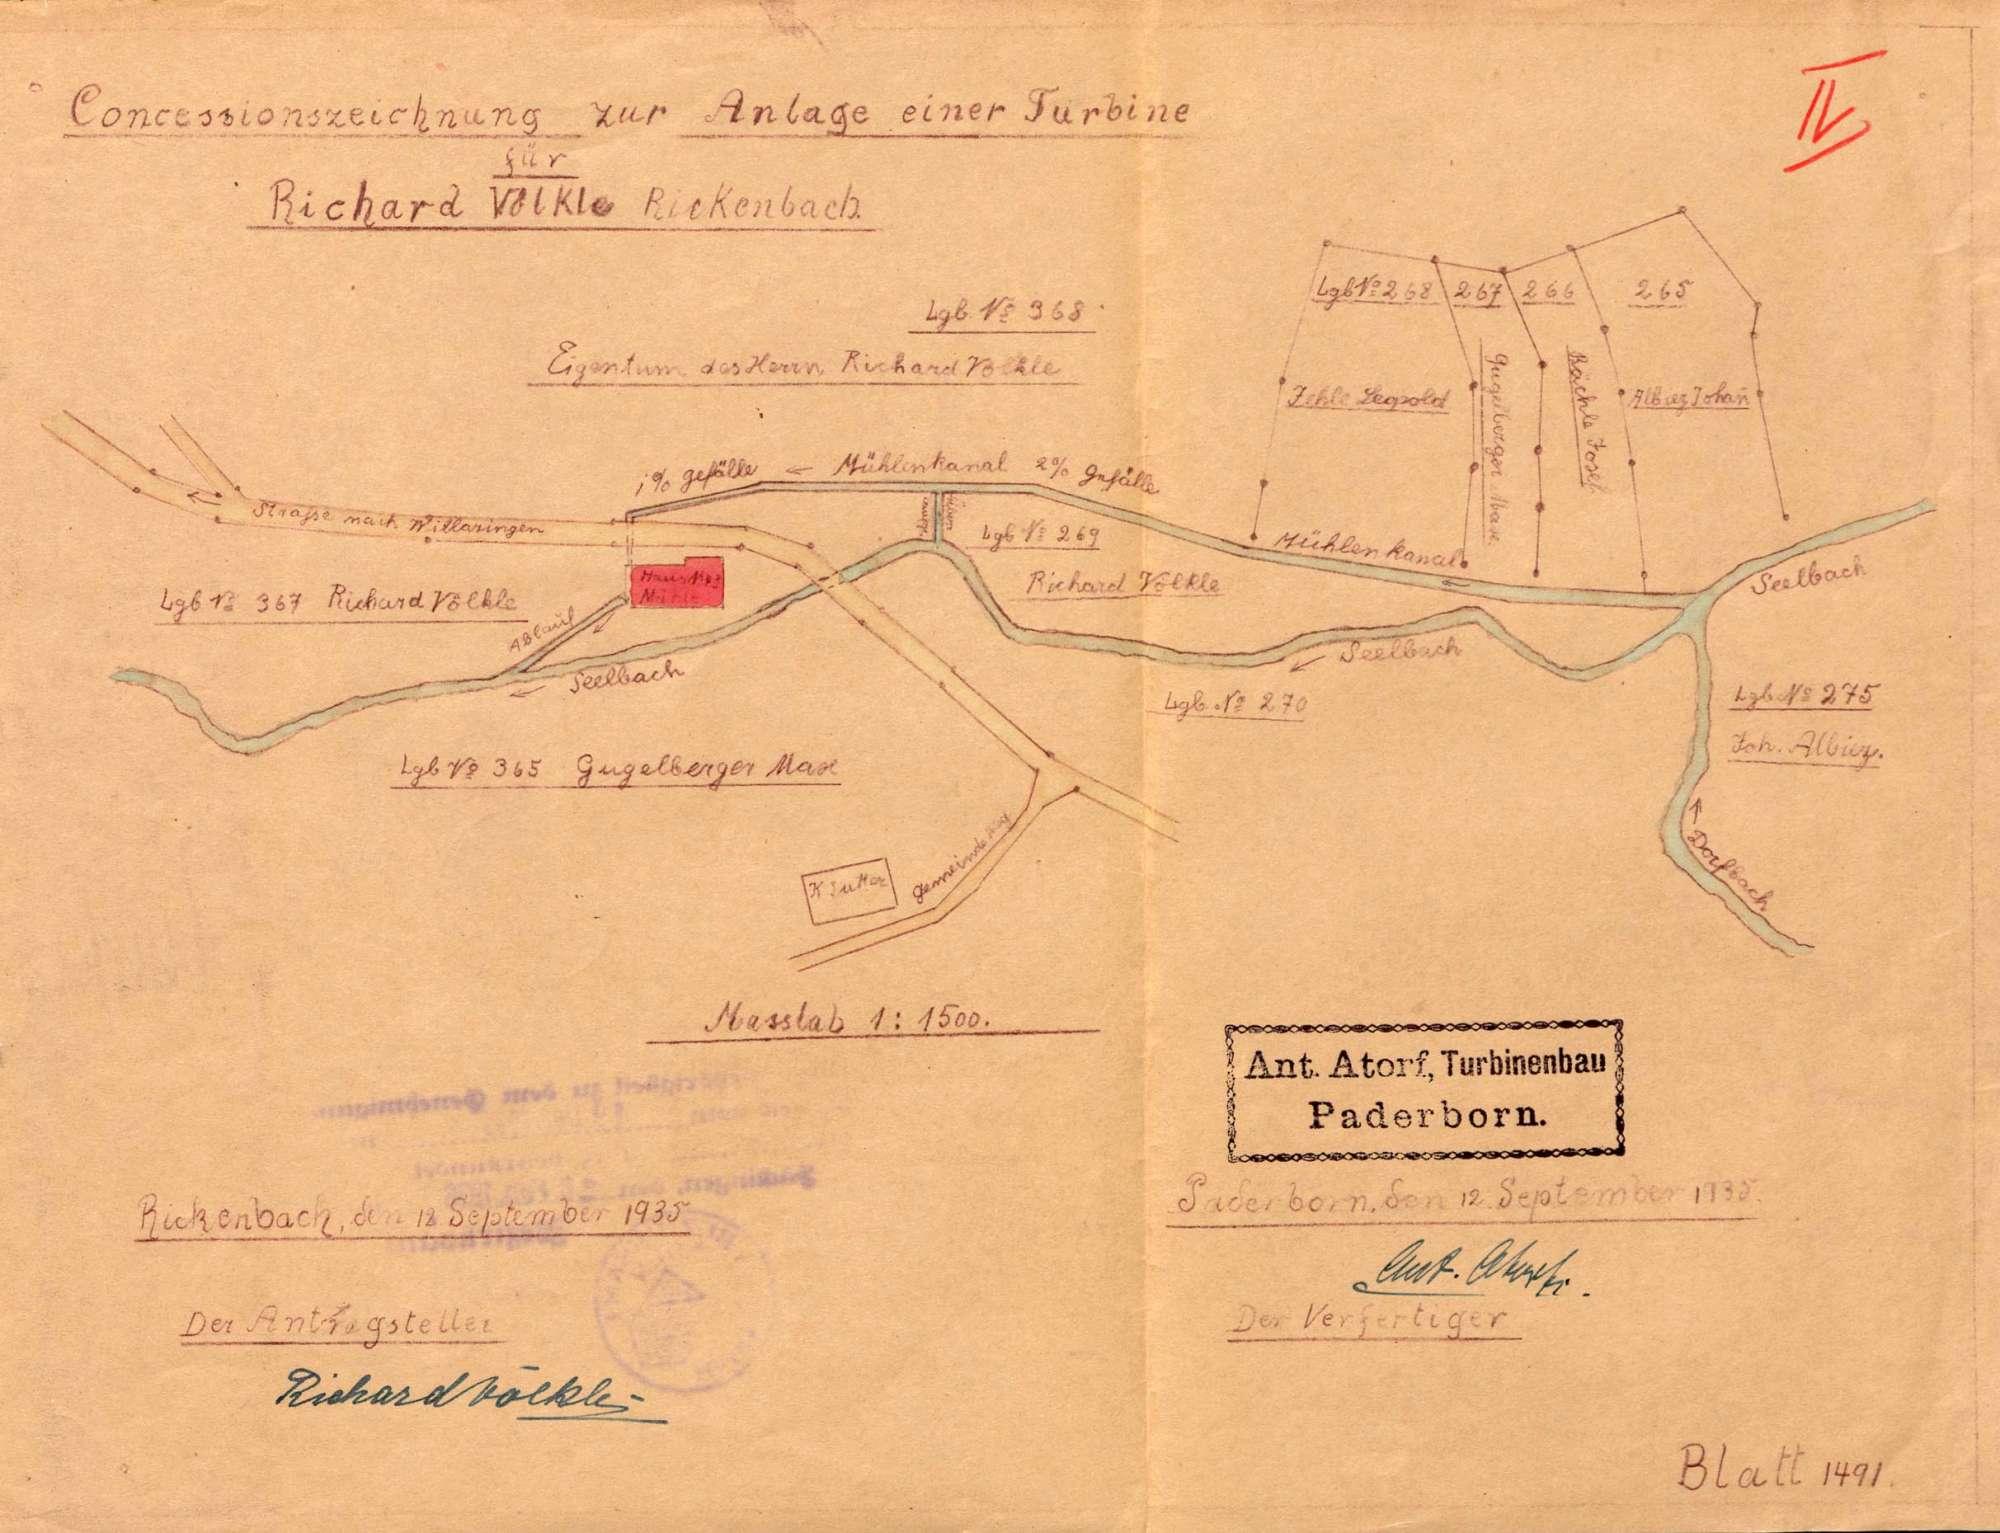 Gesuch des Müllers Richard Völkle in Rickenbach um Genehmigung zum Einbau einer Turbine an Stellte des Wasserrades in seine Wasserkraftanlage, Bild 1